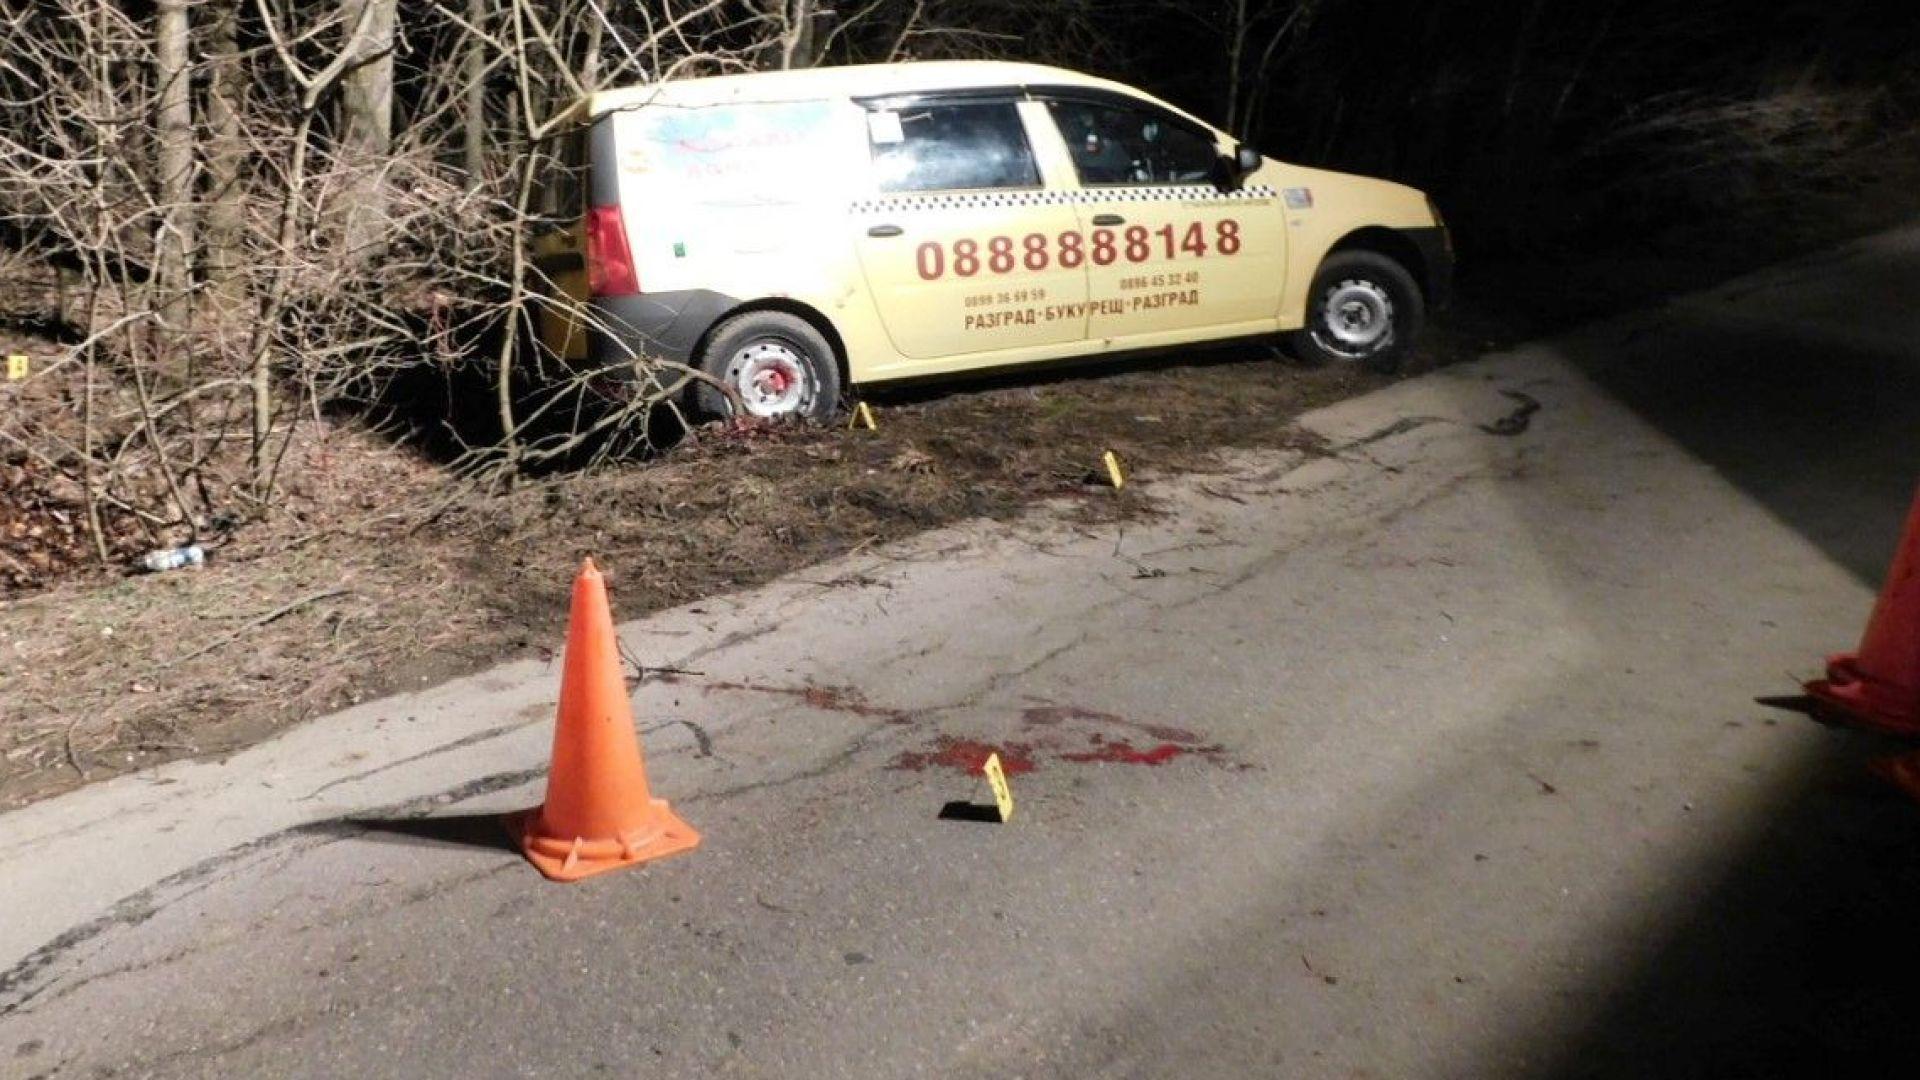 Таксиметров шофьор е намерен убит на пътя между Разград и село Дянково